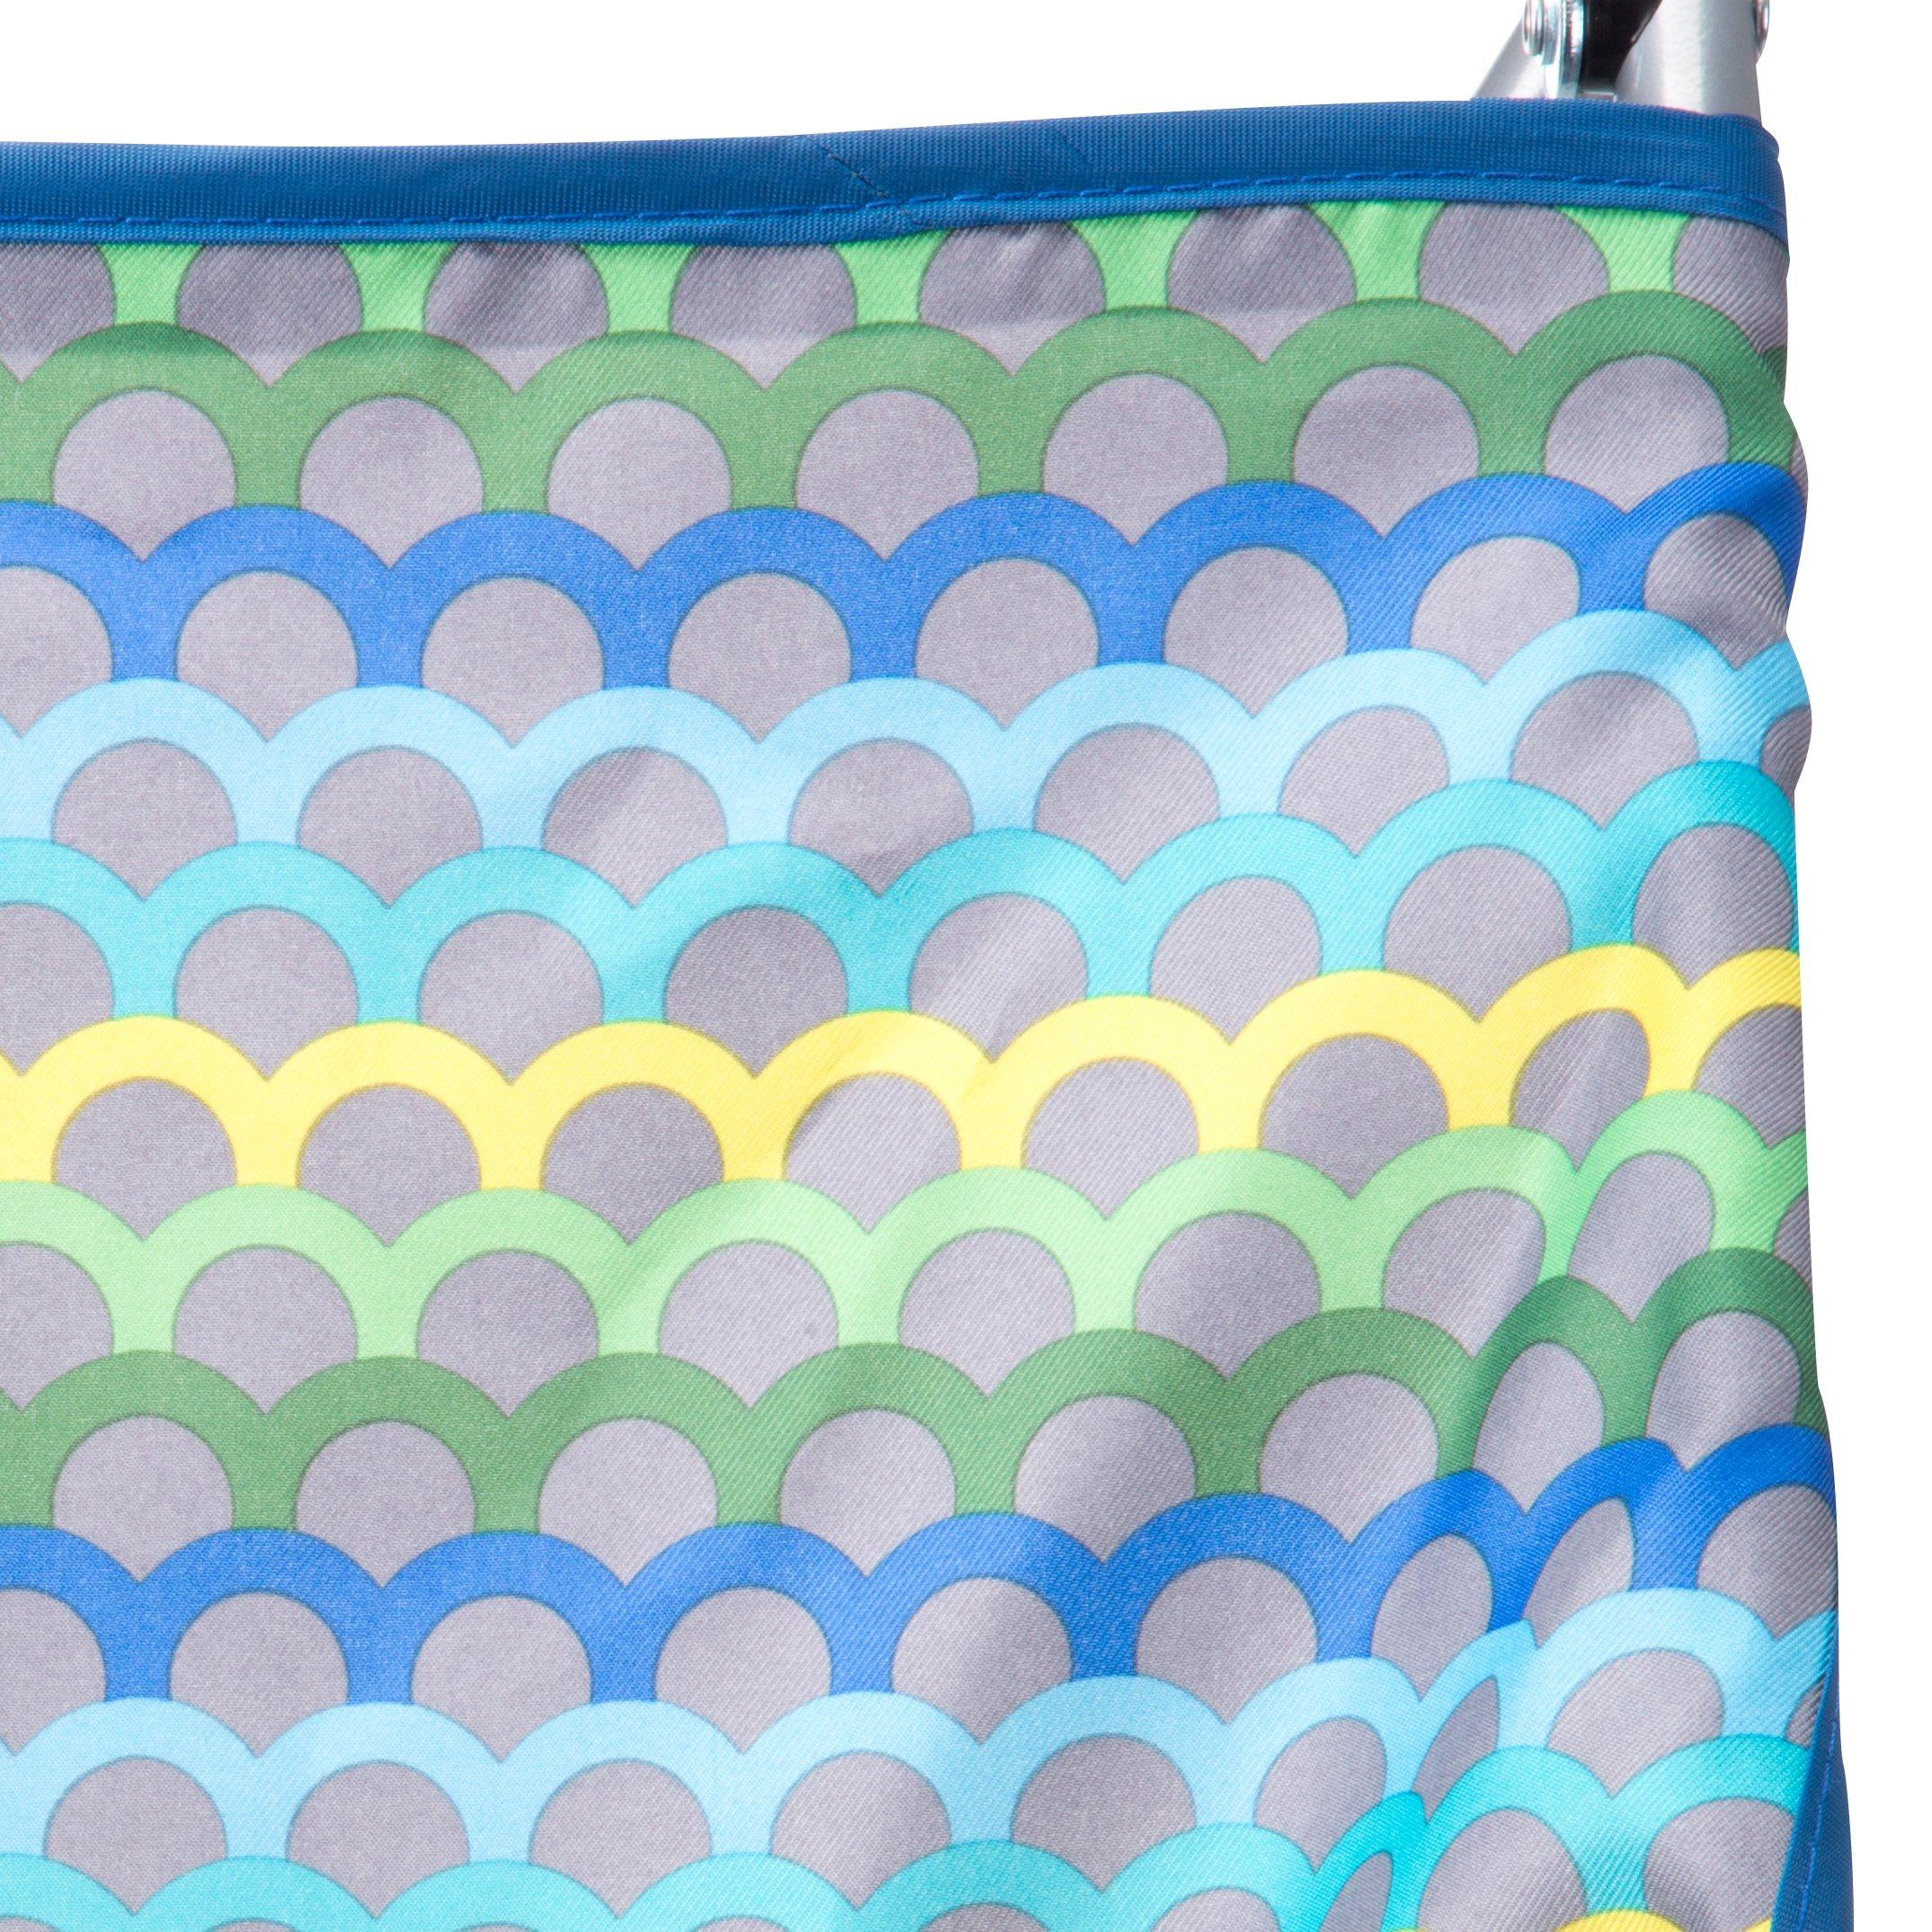 Cosco Umbrella Stroller, Horizon by Cosco (Image #5)